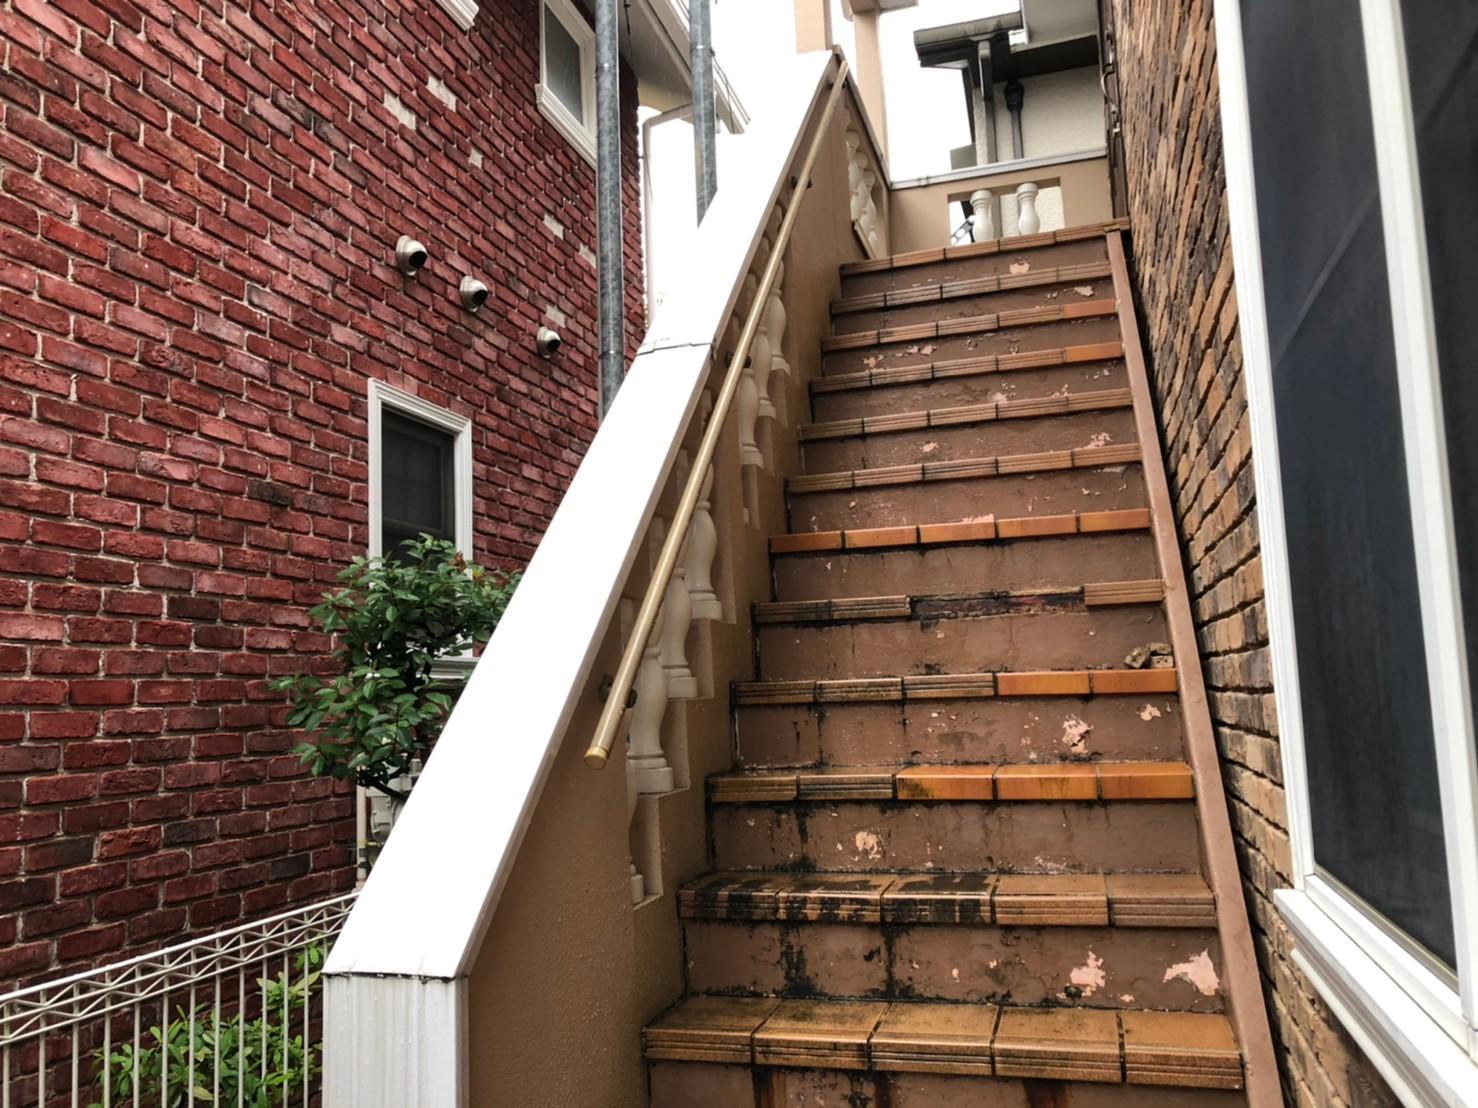 施工前のタイル張り階段